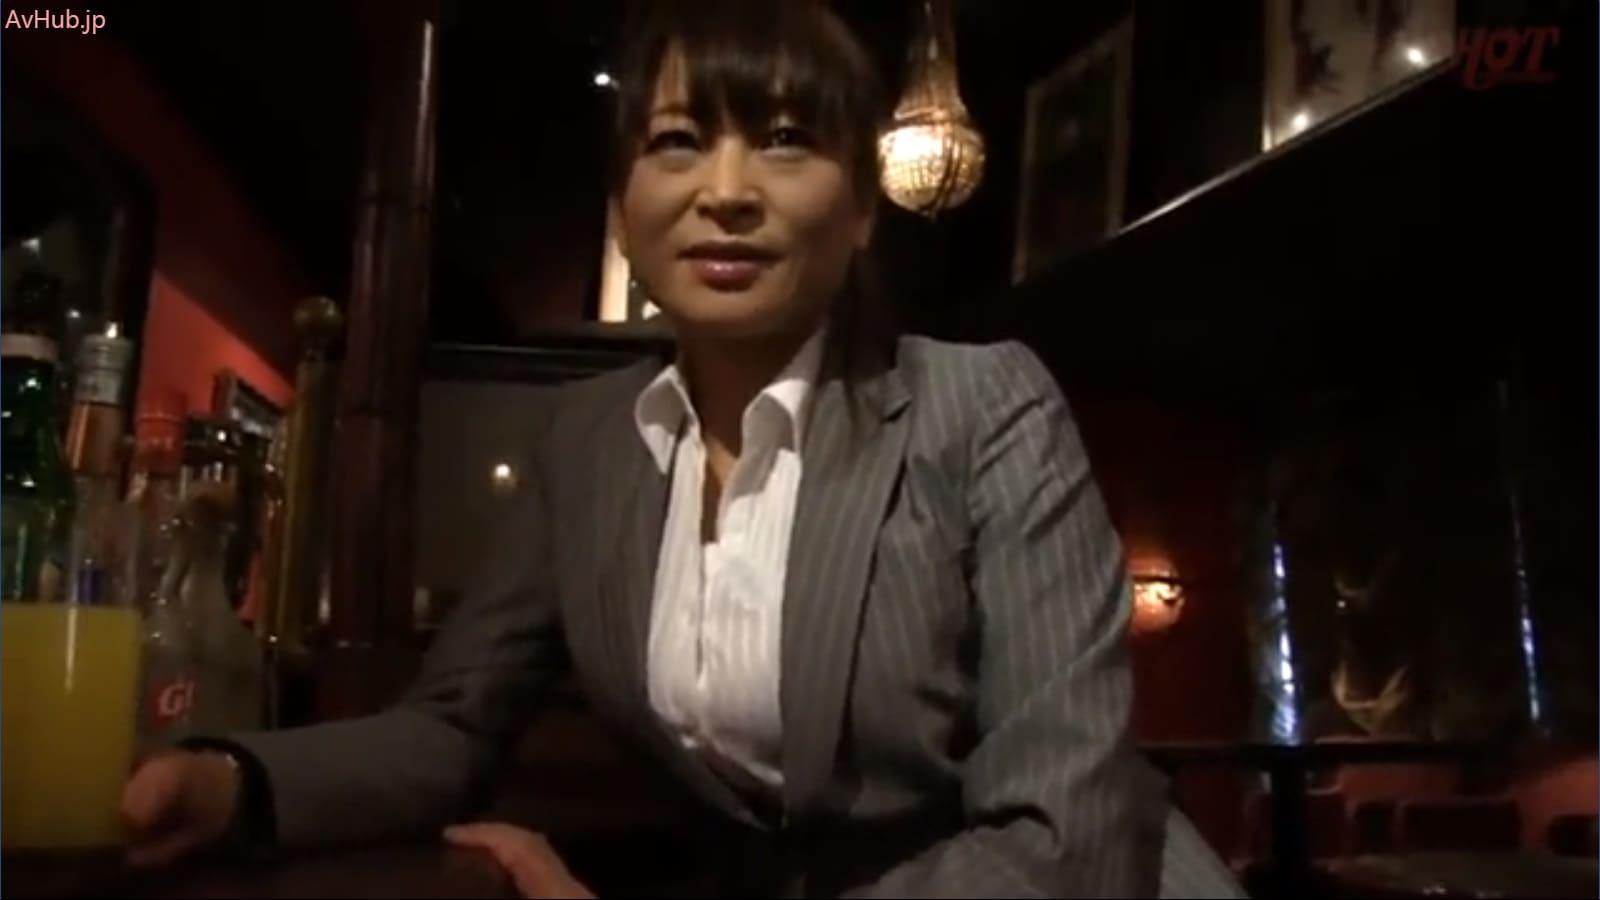 三咲悠は仕事帰りにバーカウンターでグラスを傾けるお一人様のスーツ美熟女